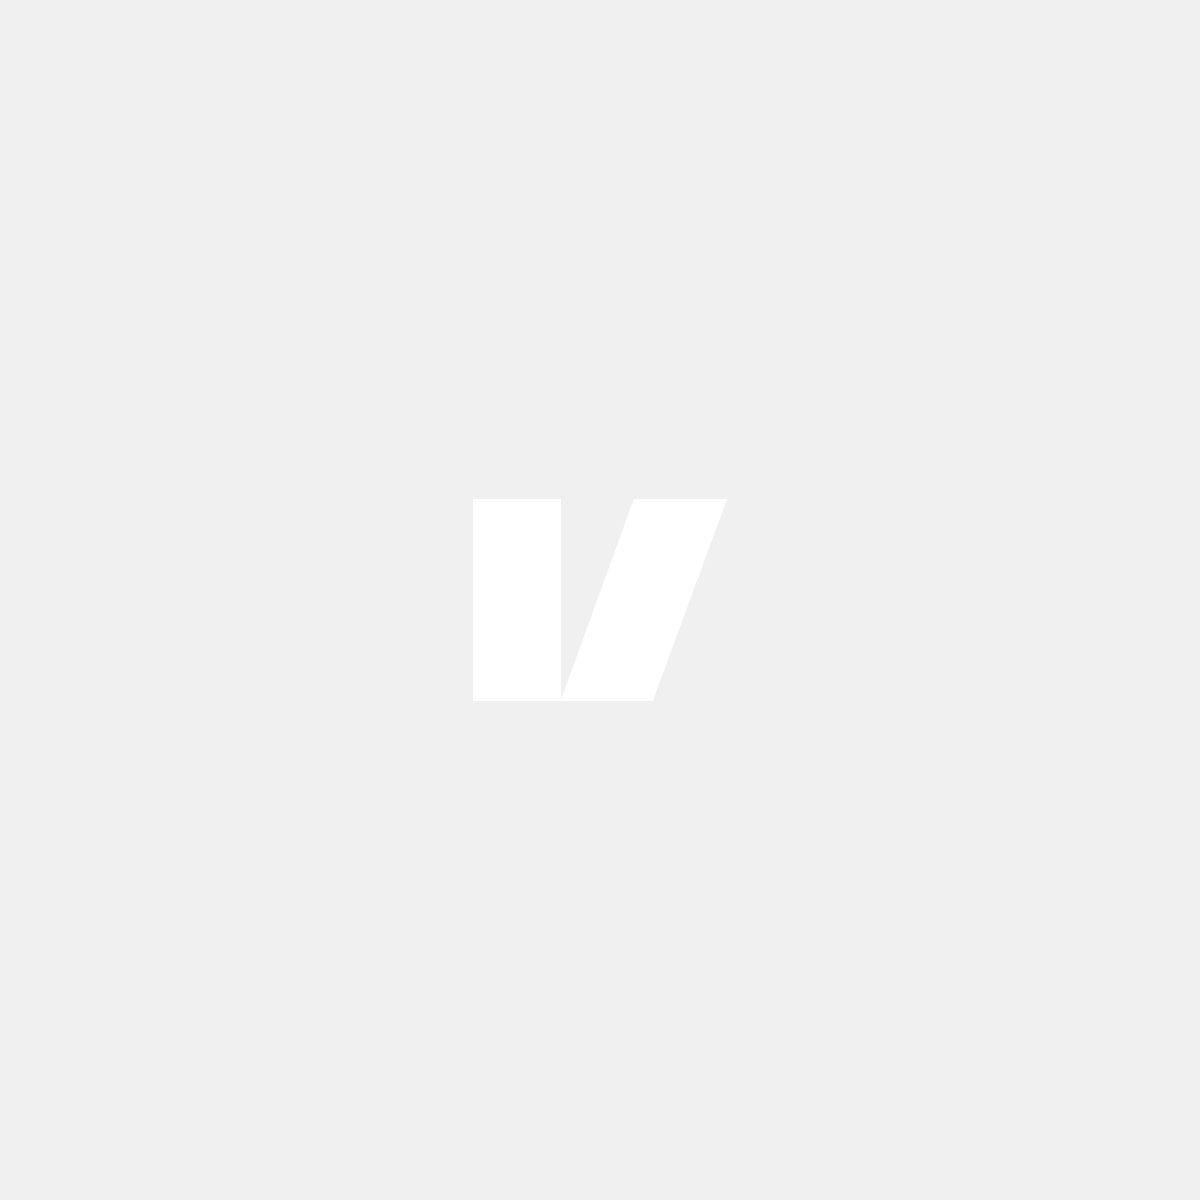 Sportgrill Volvo S60R, V70R, aluminiumnät, svart ram